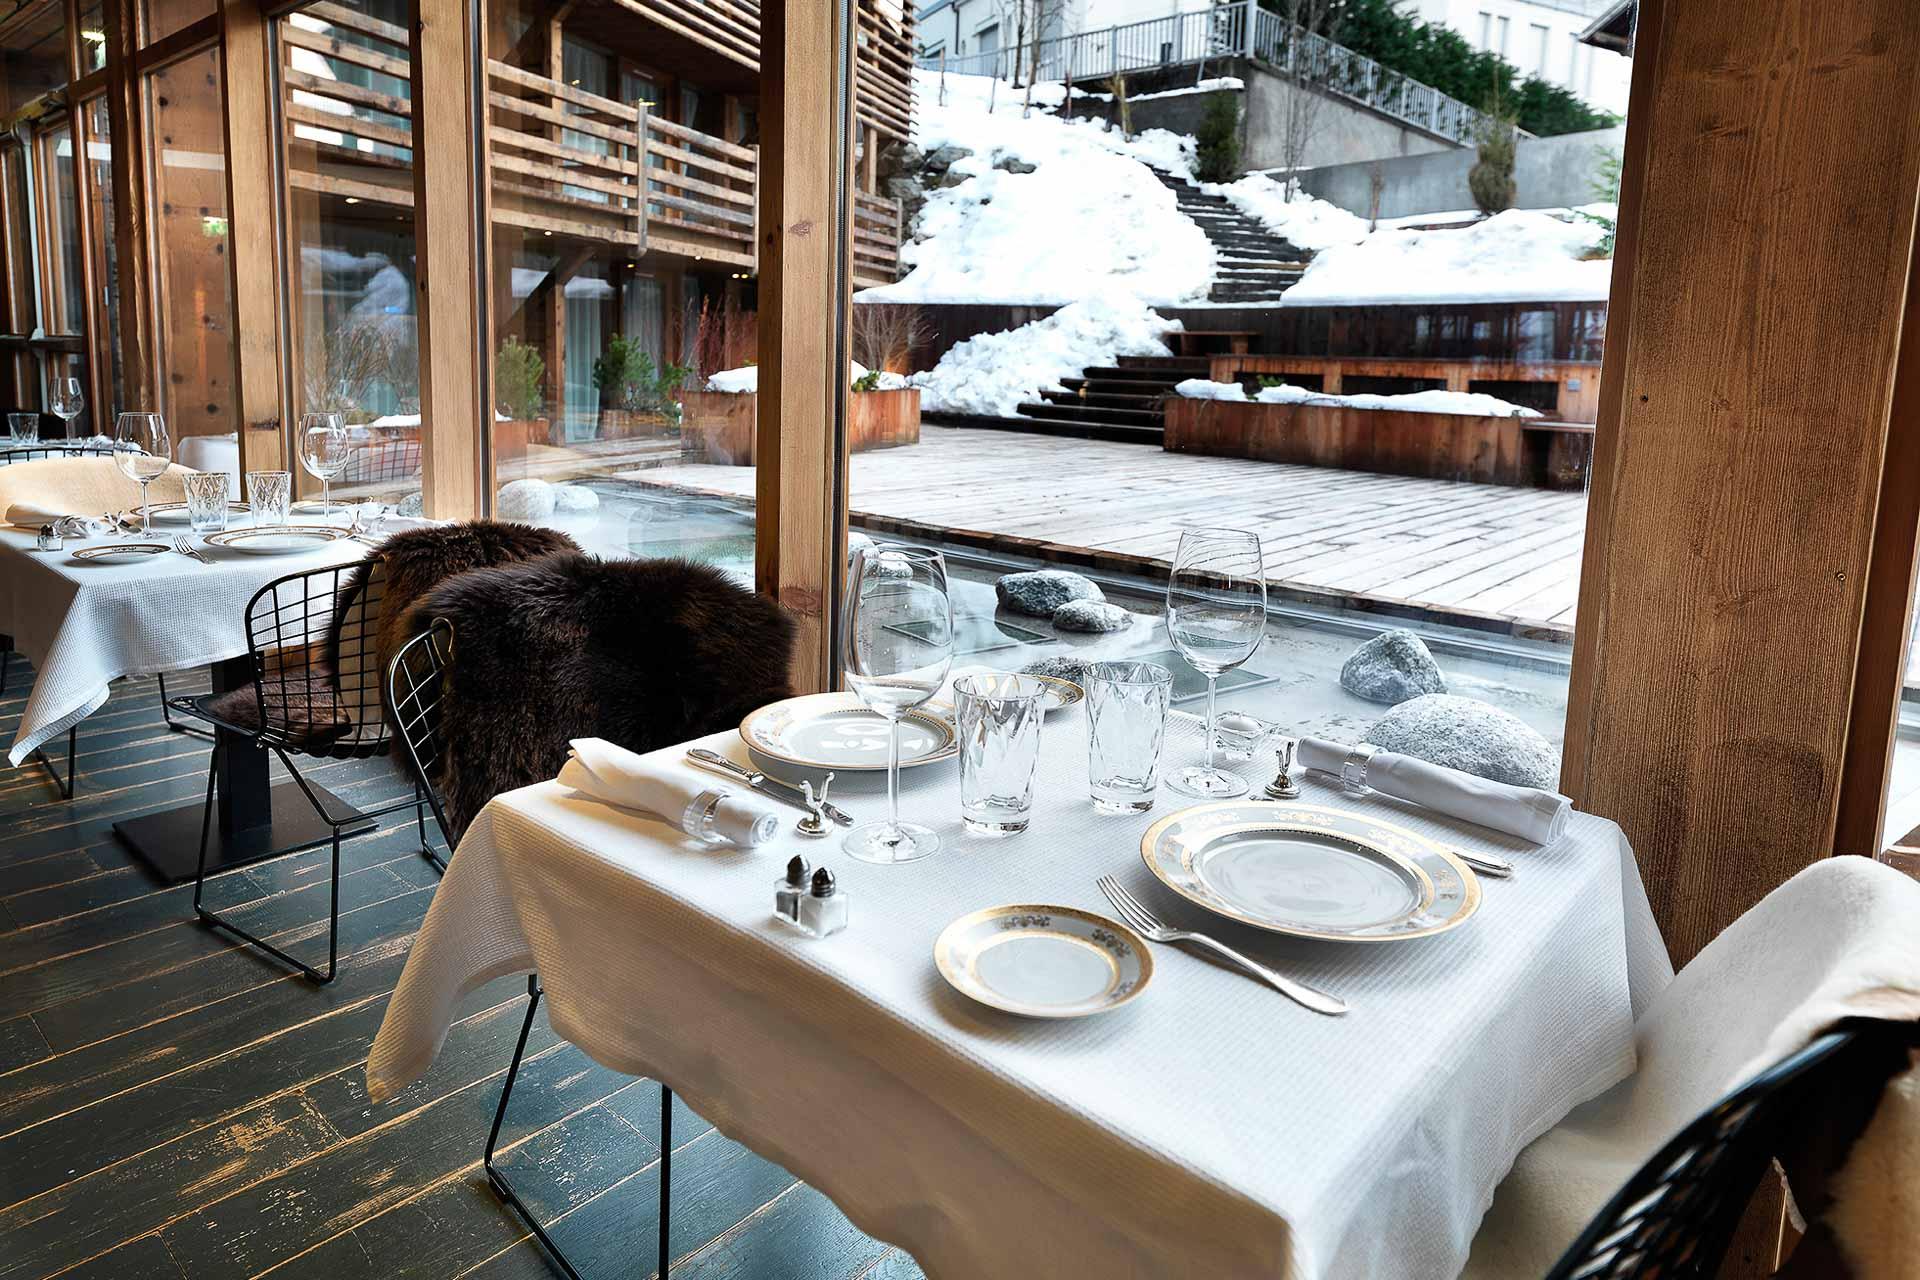 EN BREF | Depuis le début de l'hiver, le chef doublement étoilé Édouard Loubet signe la carte du restaurant, ainsi que l'offre snacking du bar à l'hôtel 5-étoiles M de Megève. Une partition convaincante à découvrir avant que la saison ne s'achève.